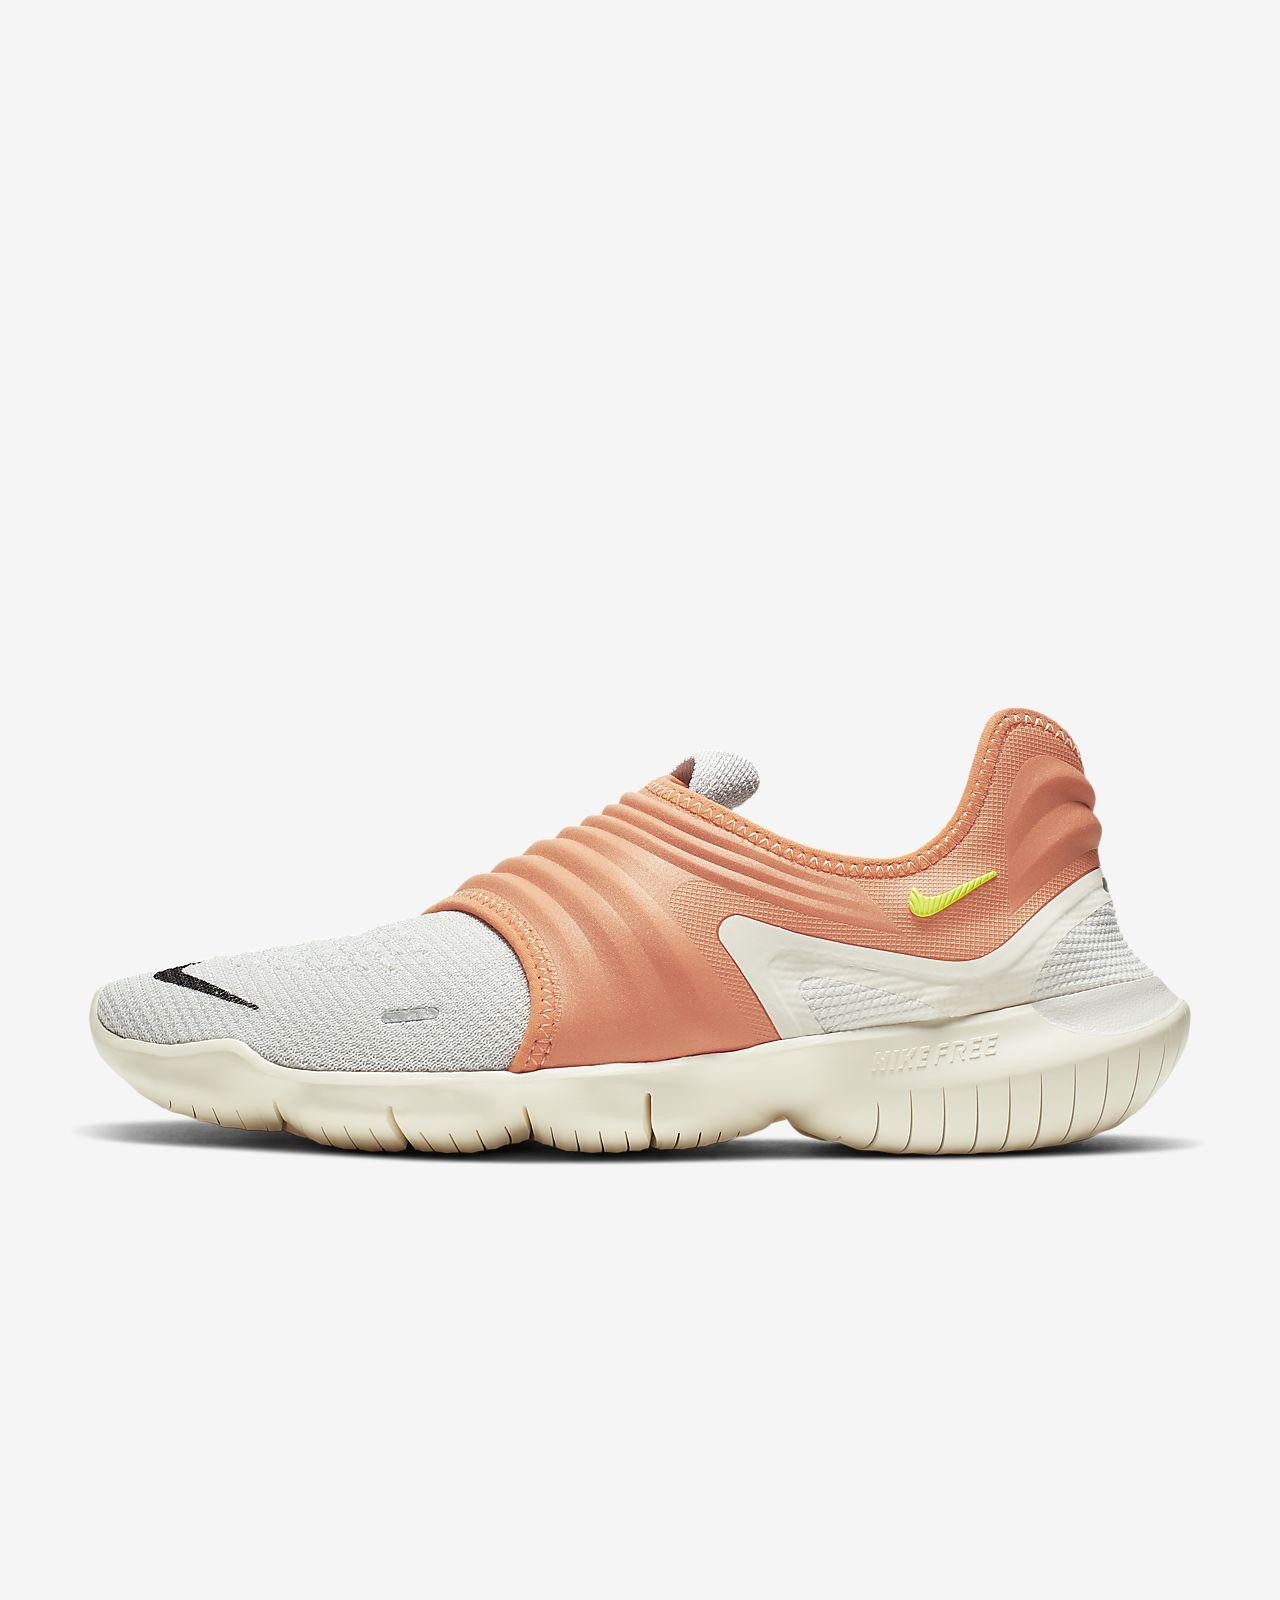 Pánská běžecká bota Nike Free RN Flyknit 3.0 NRG